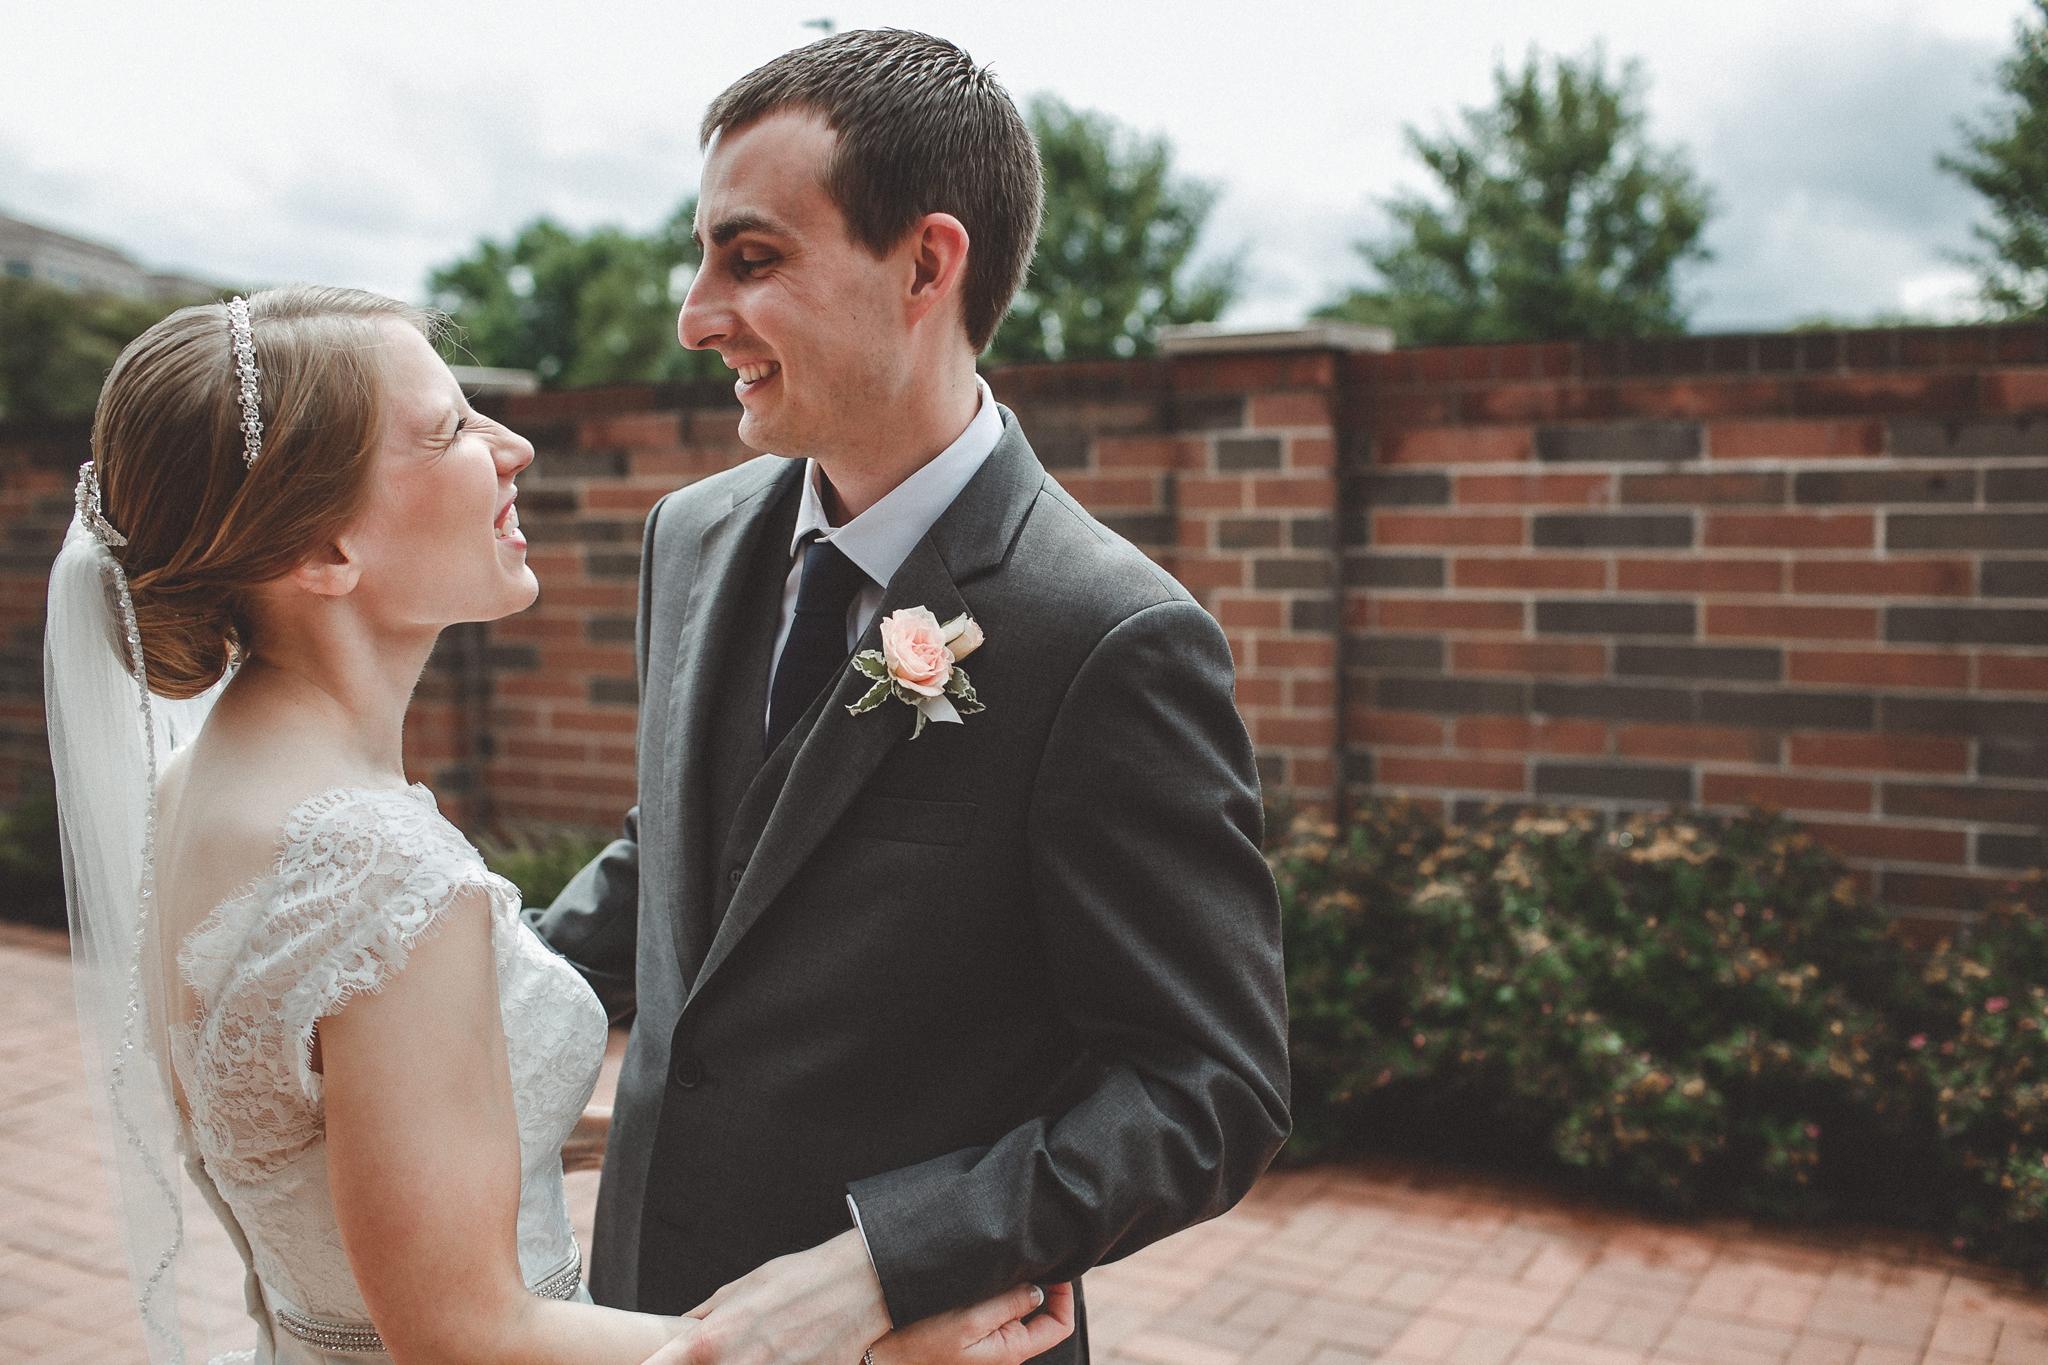 noahs_event_venue_naperville_IL_wedding_photographer_0026.jpg